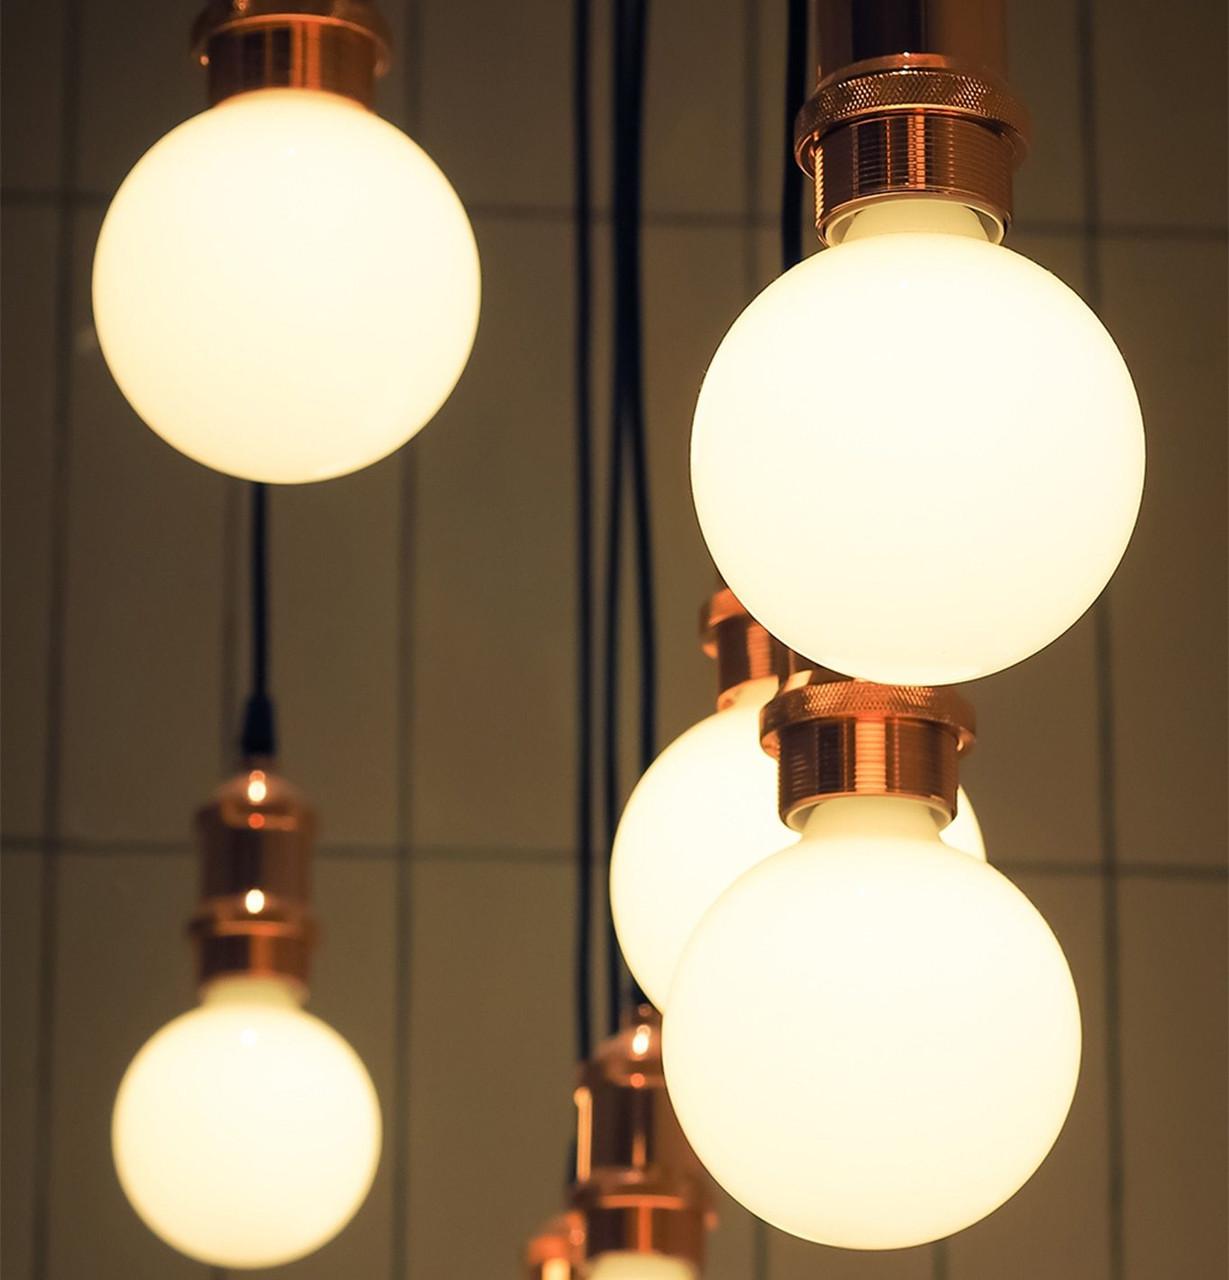 LED Dimmable Globe ES Light Bulbs